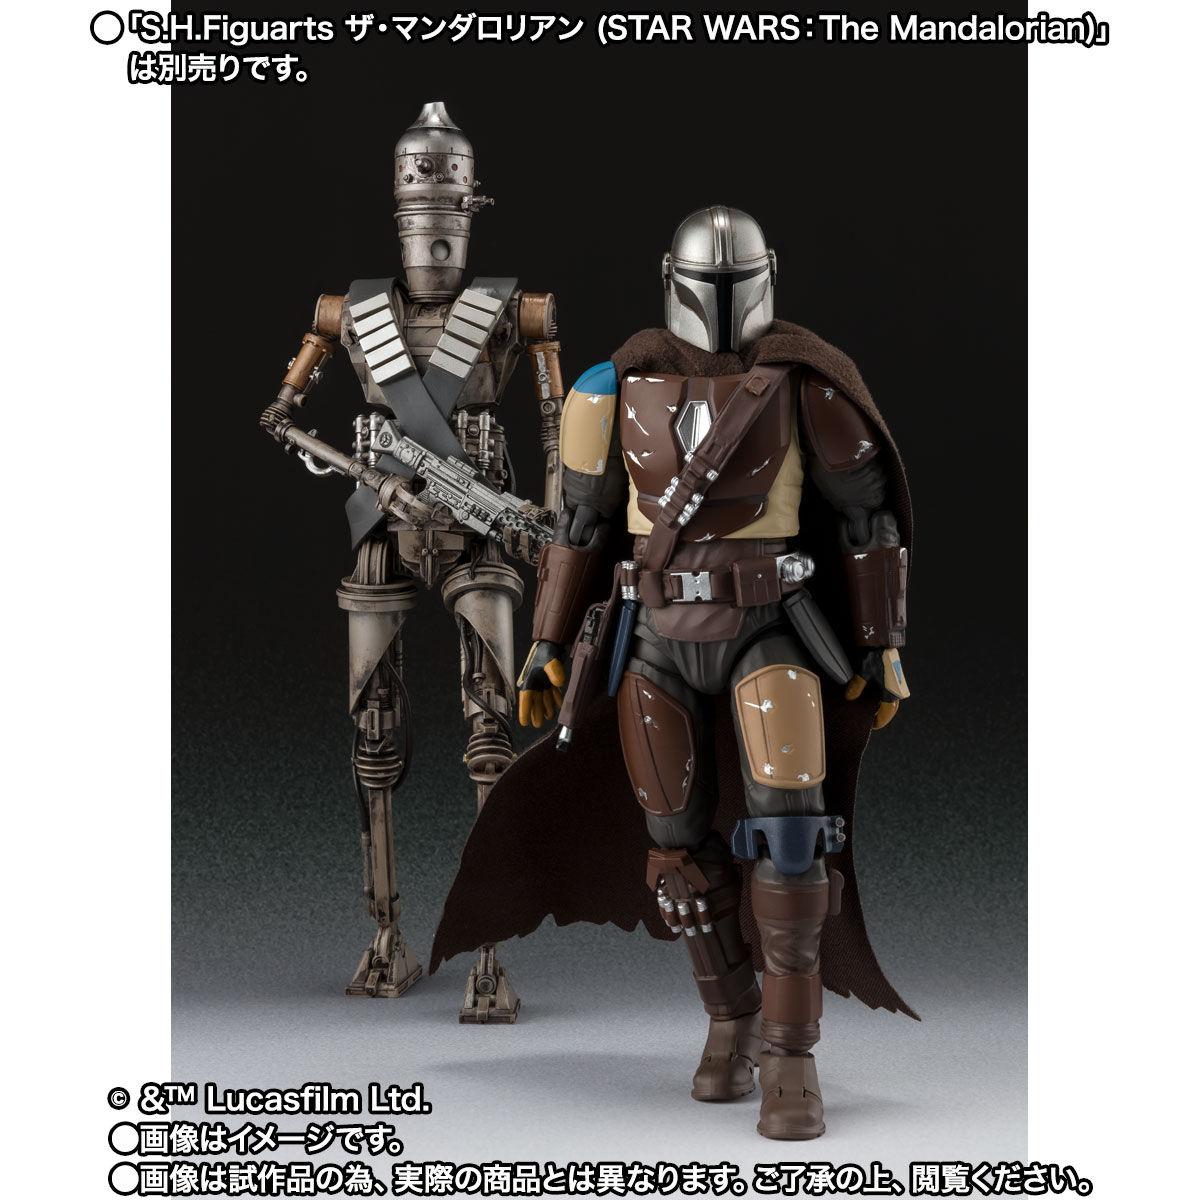 【限定販売】S.H.Figuarts『IG-11(STAR WARS:The Mandalorian)』マンダロリアン 可動フィギュア-008